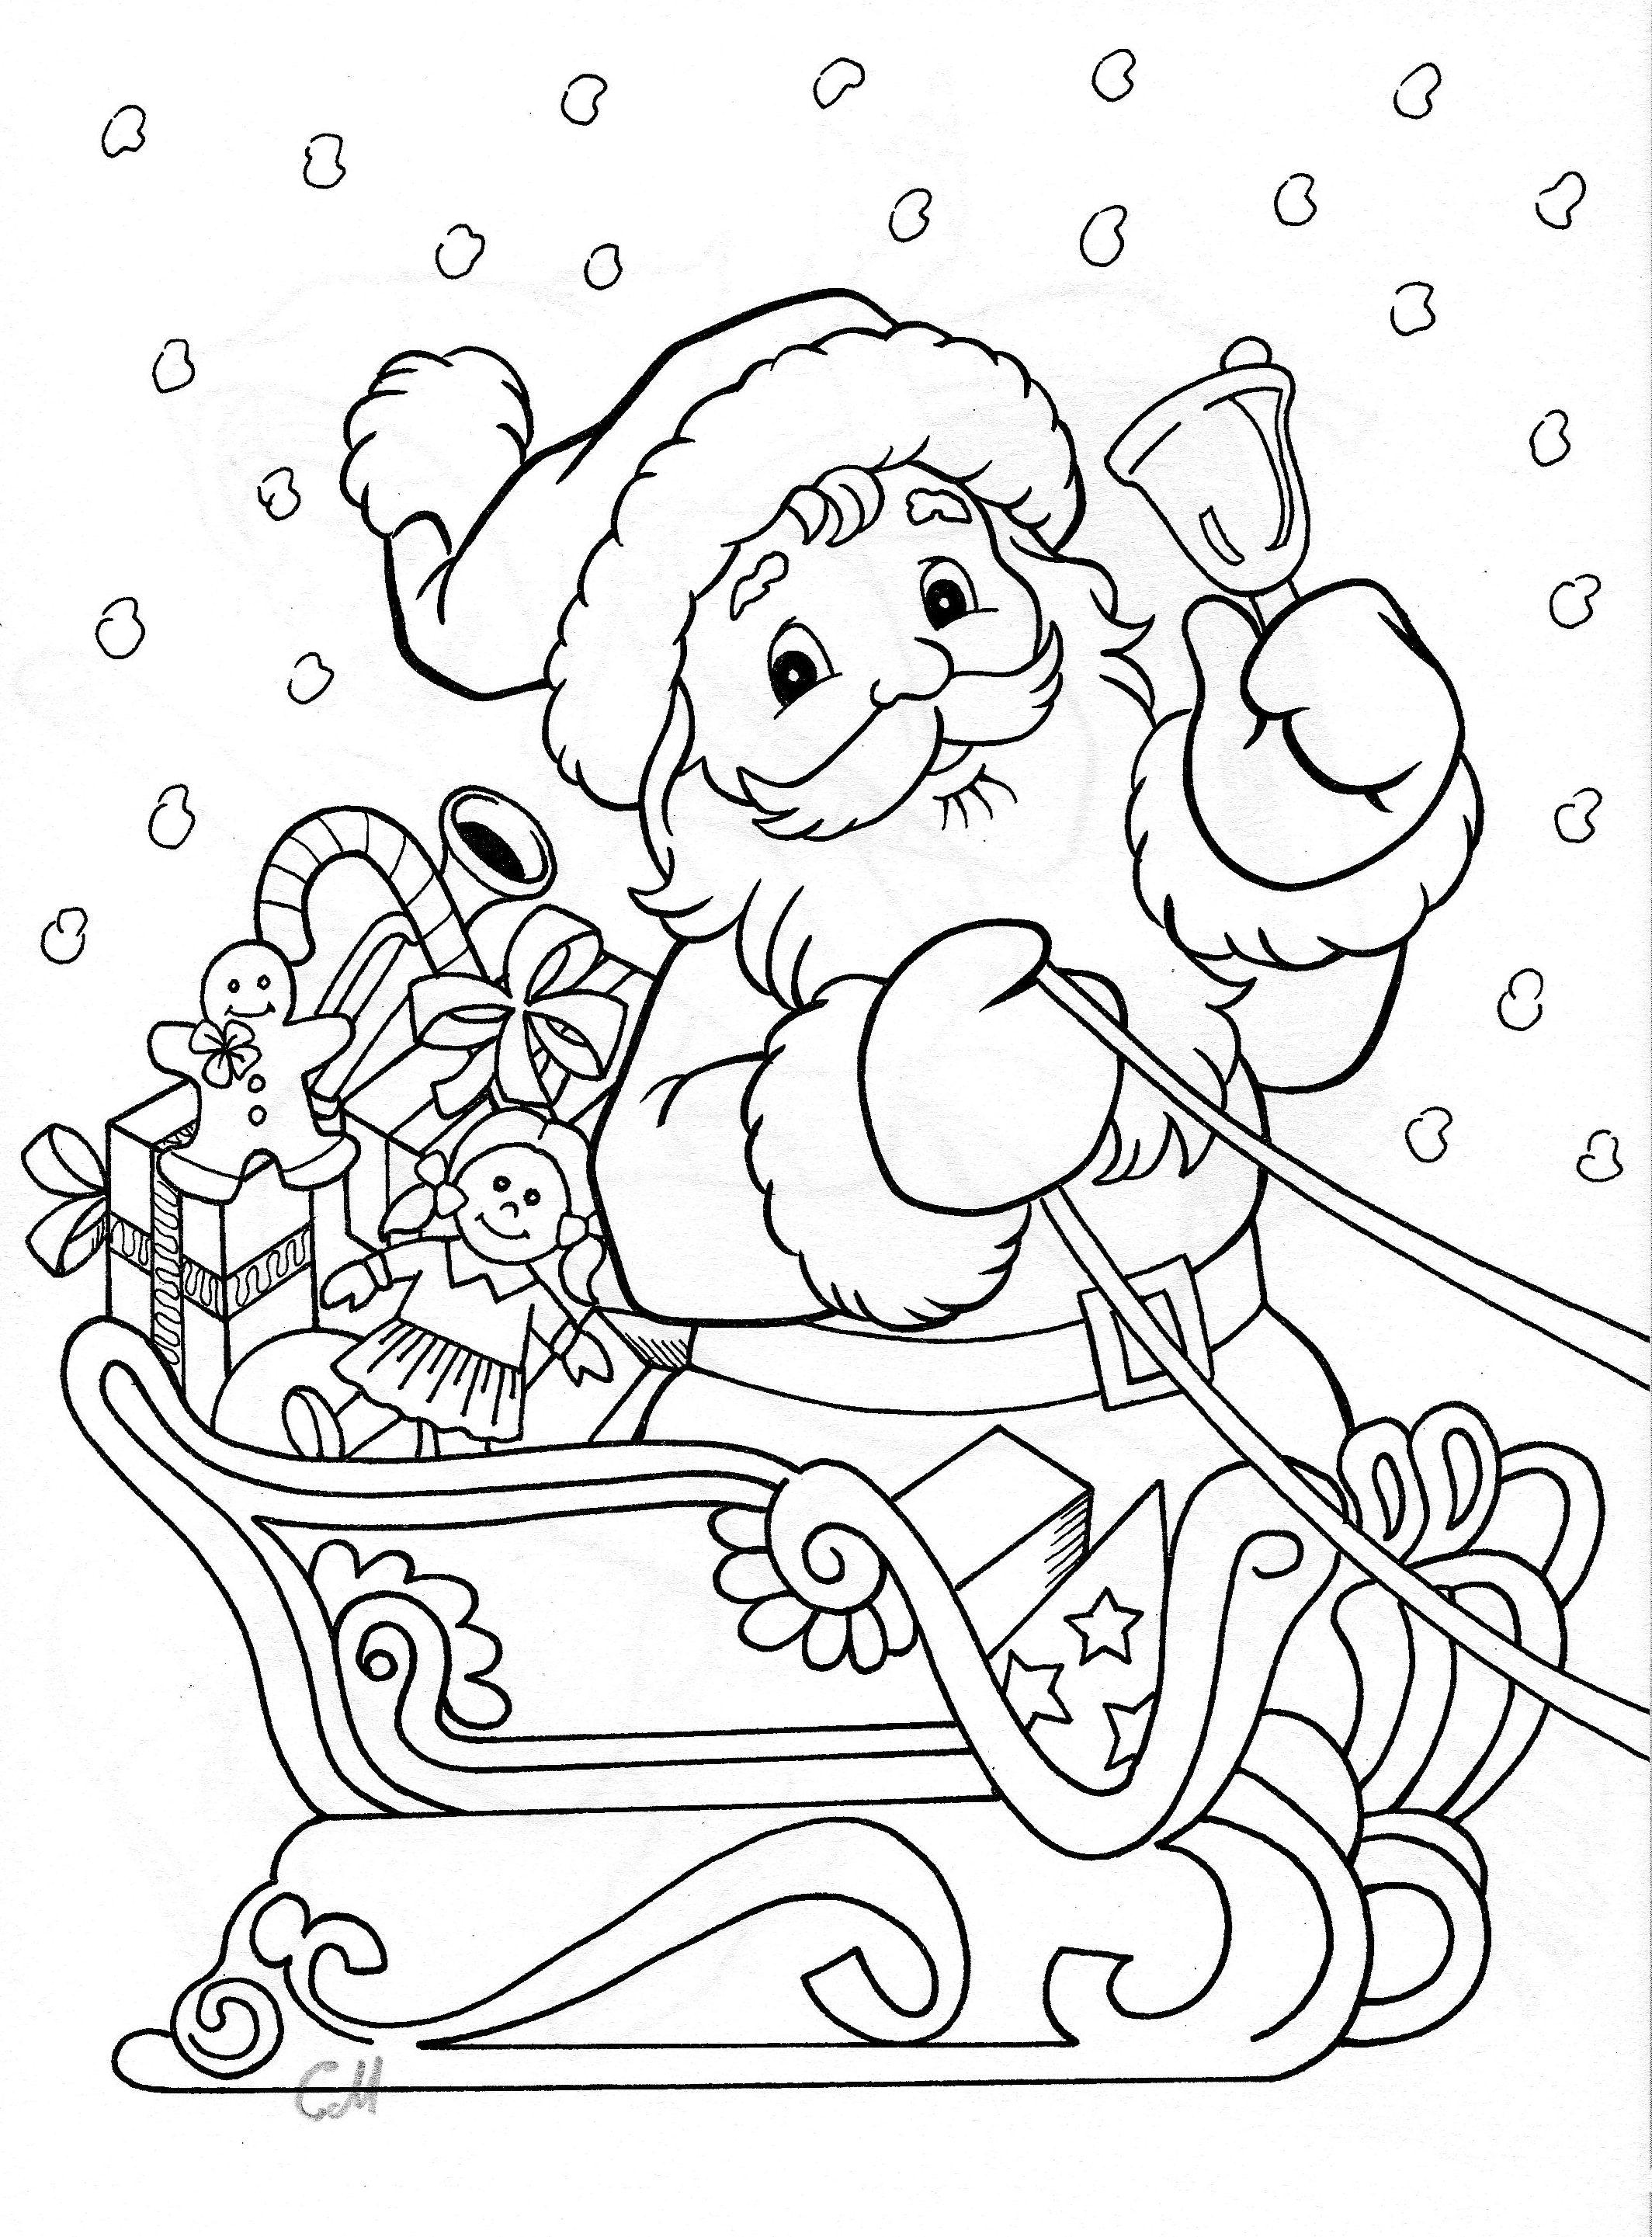 santa coloring | navidad | Pinterest | Navidad, Colorear y Dibujo